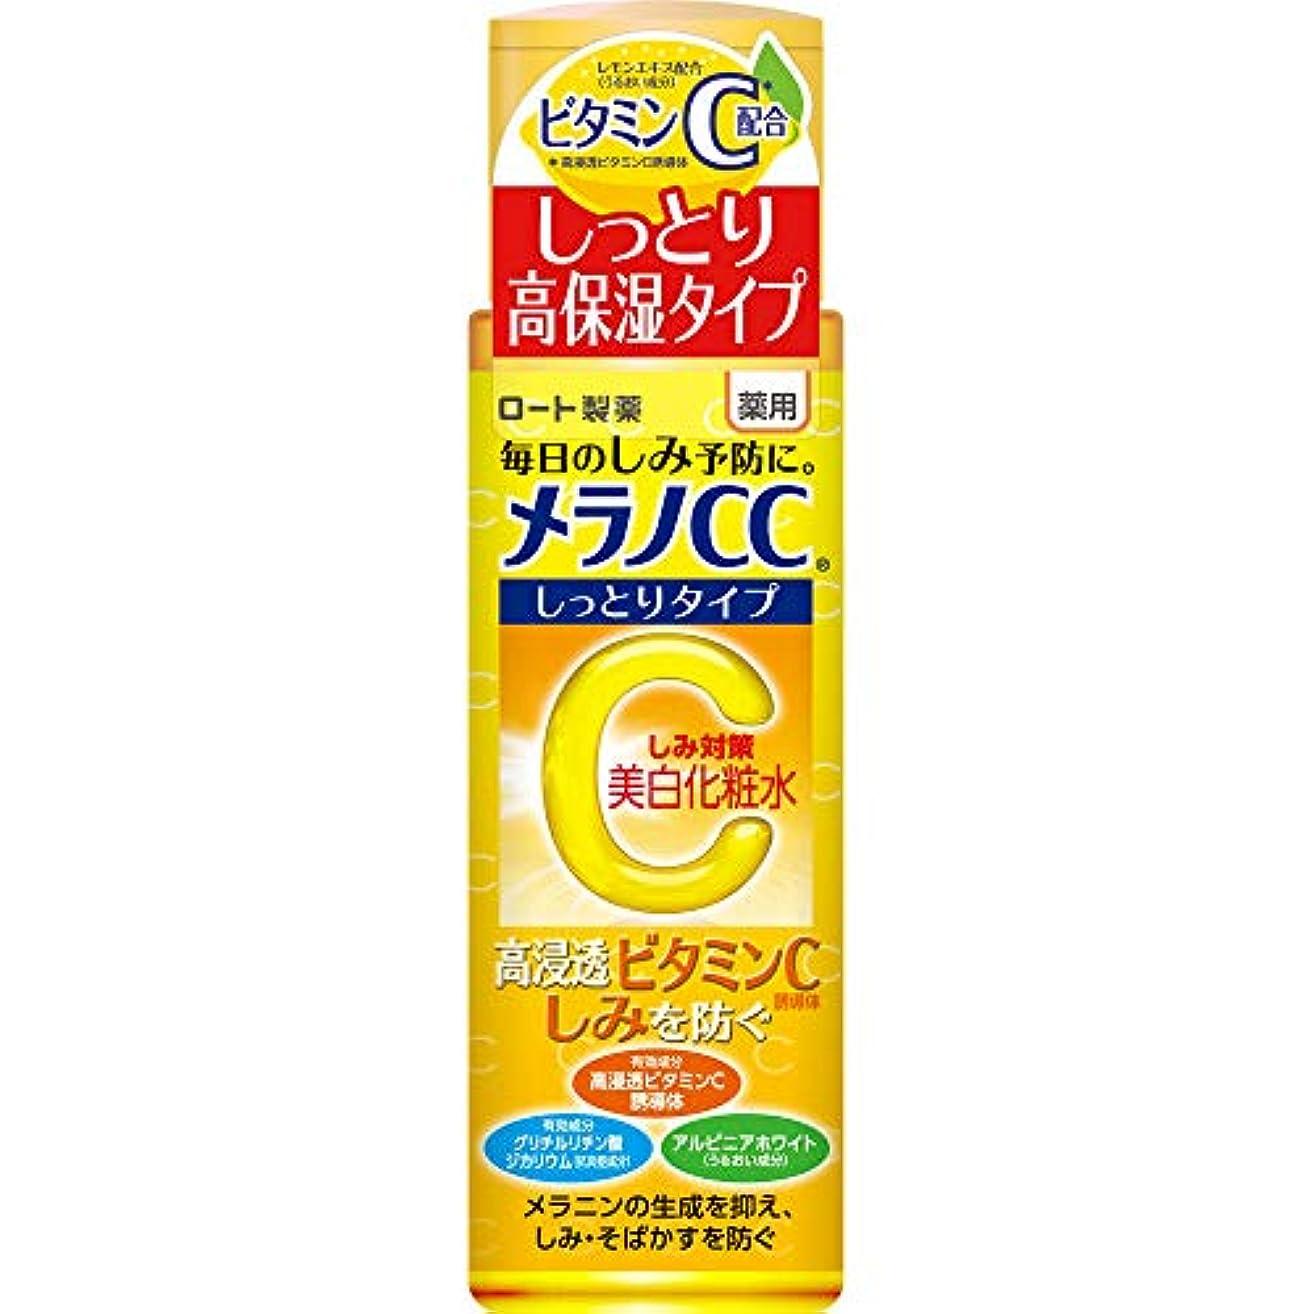 完璧維持するひもメラノCC 薬用しみ対策美白化粧水 しっとりタイプ 170mL